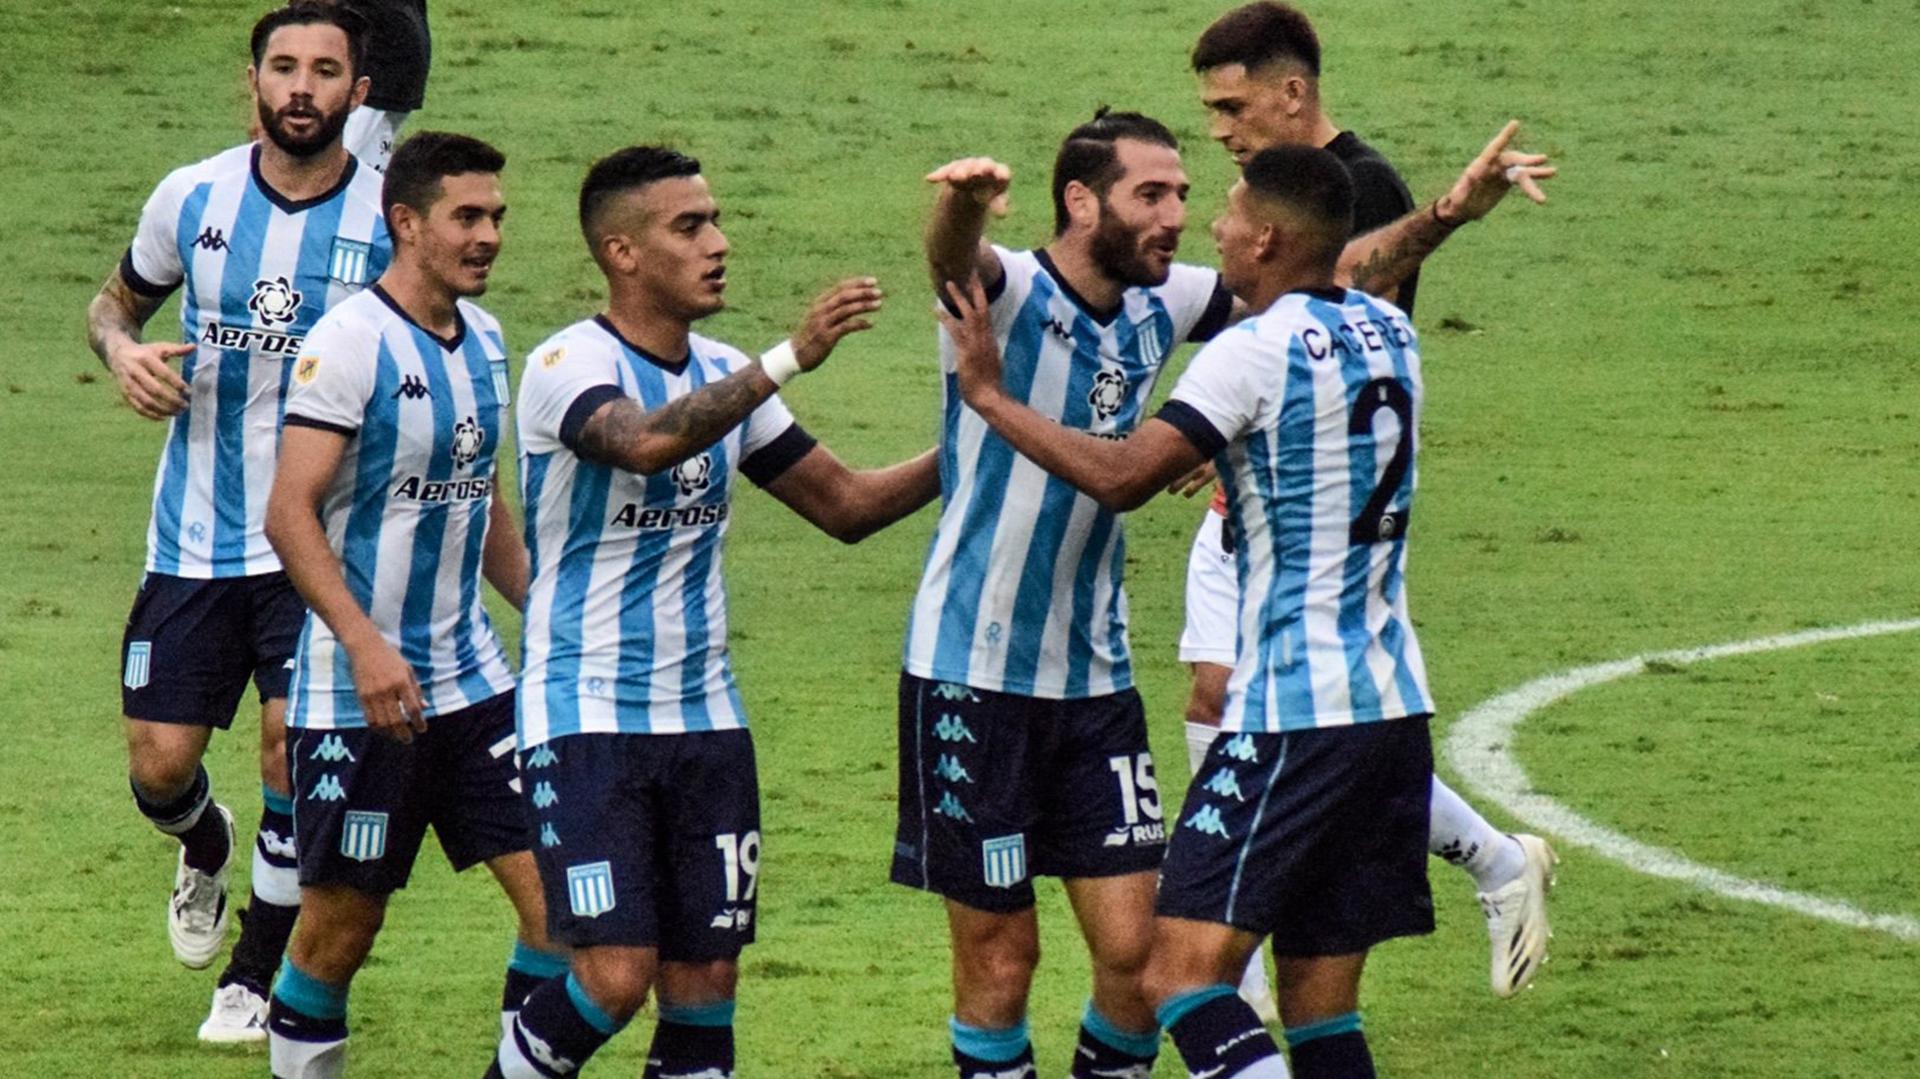 Formación de Racing vs. Vélez, por la Copa de la Liga Profesional:  convocados, once y suplentes   Goal.com